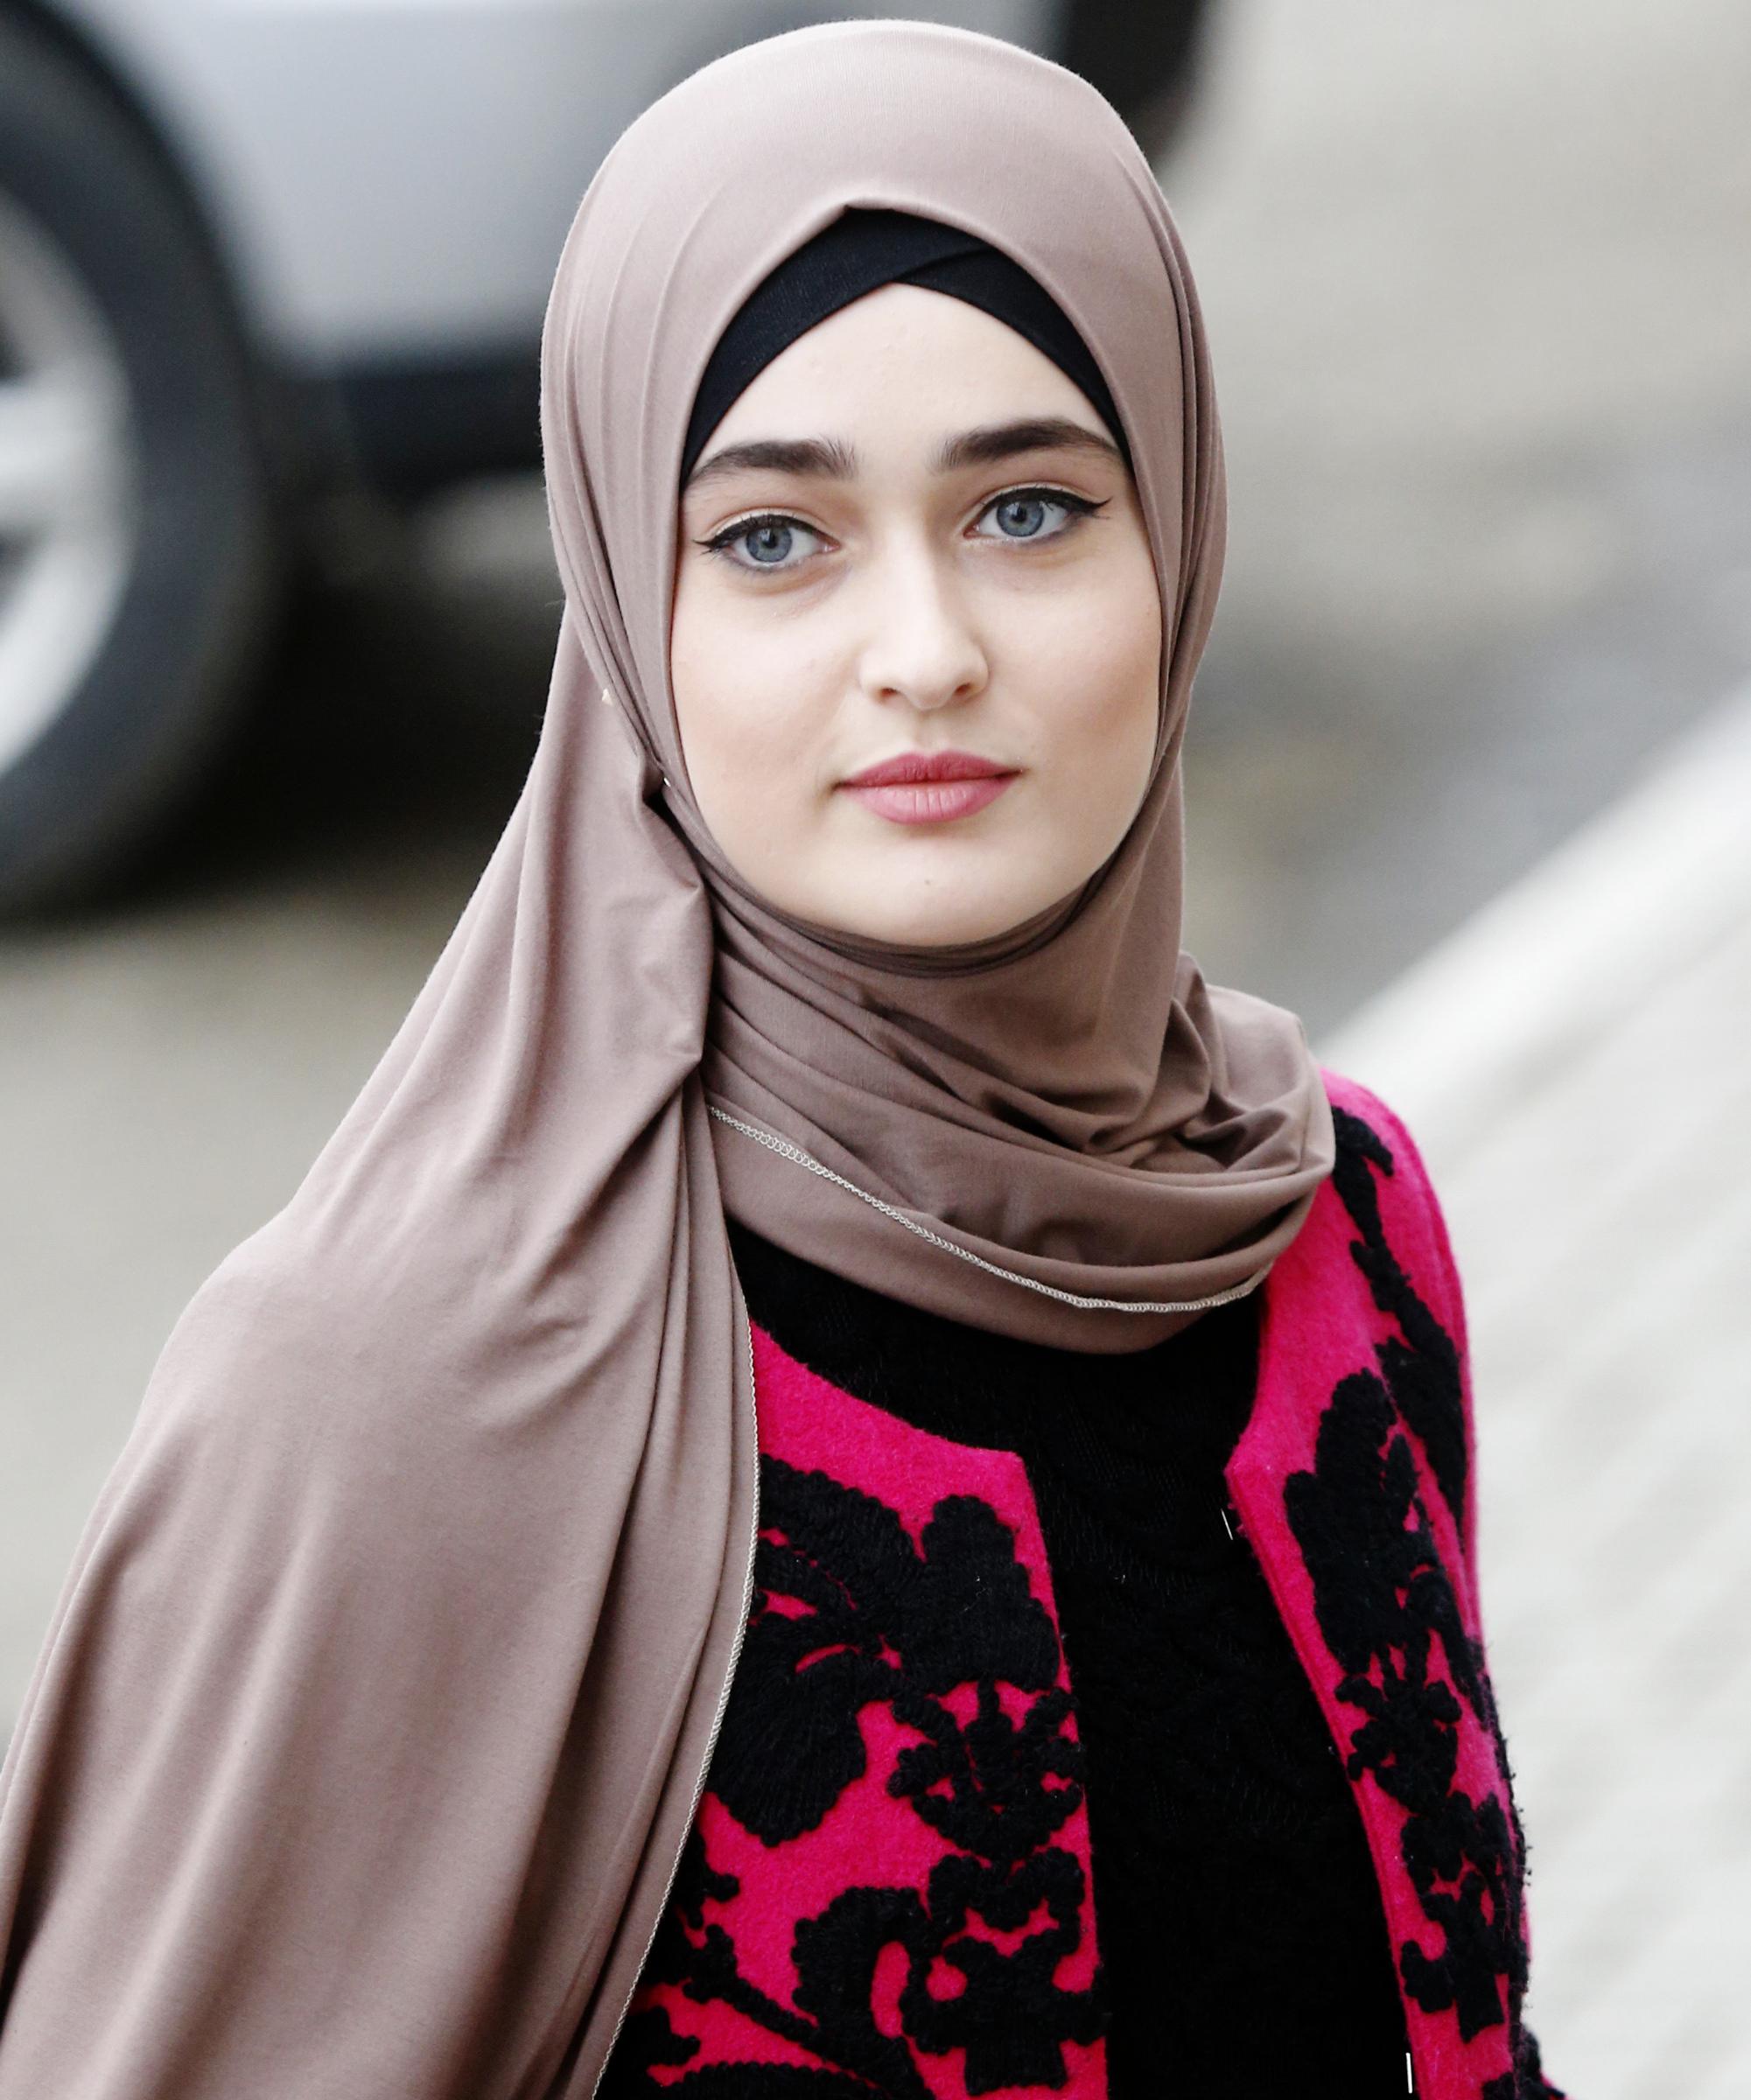 Правила ношения хиджаба в турции и мире. виды.